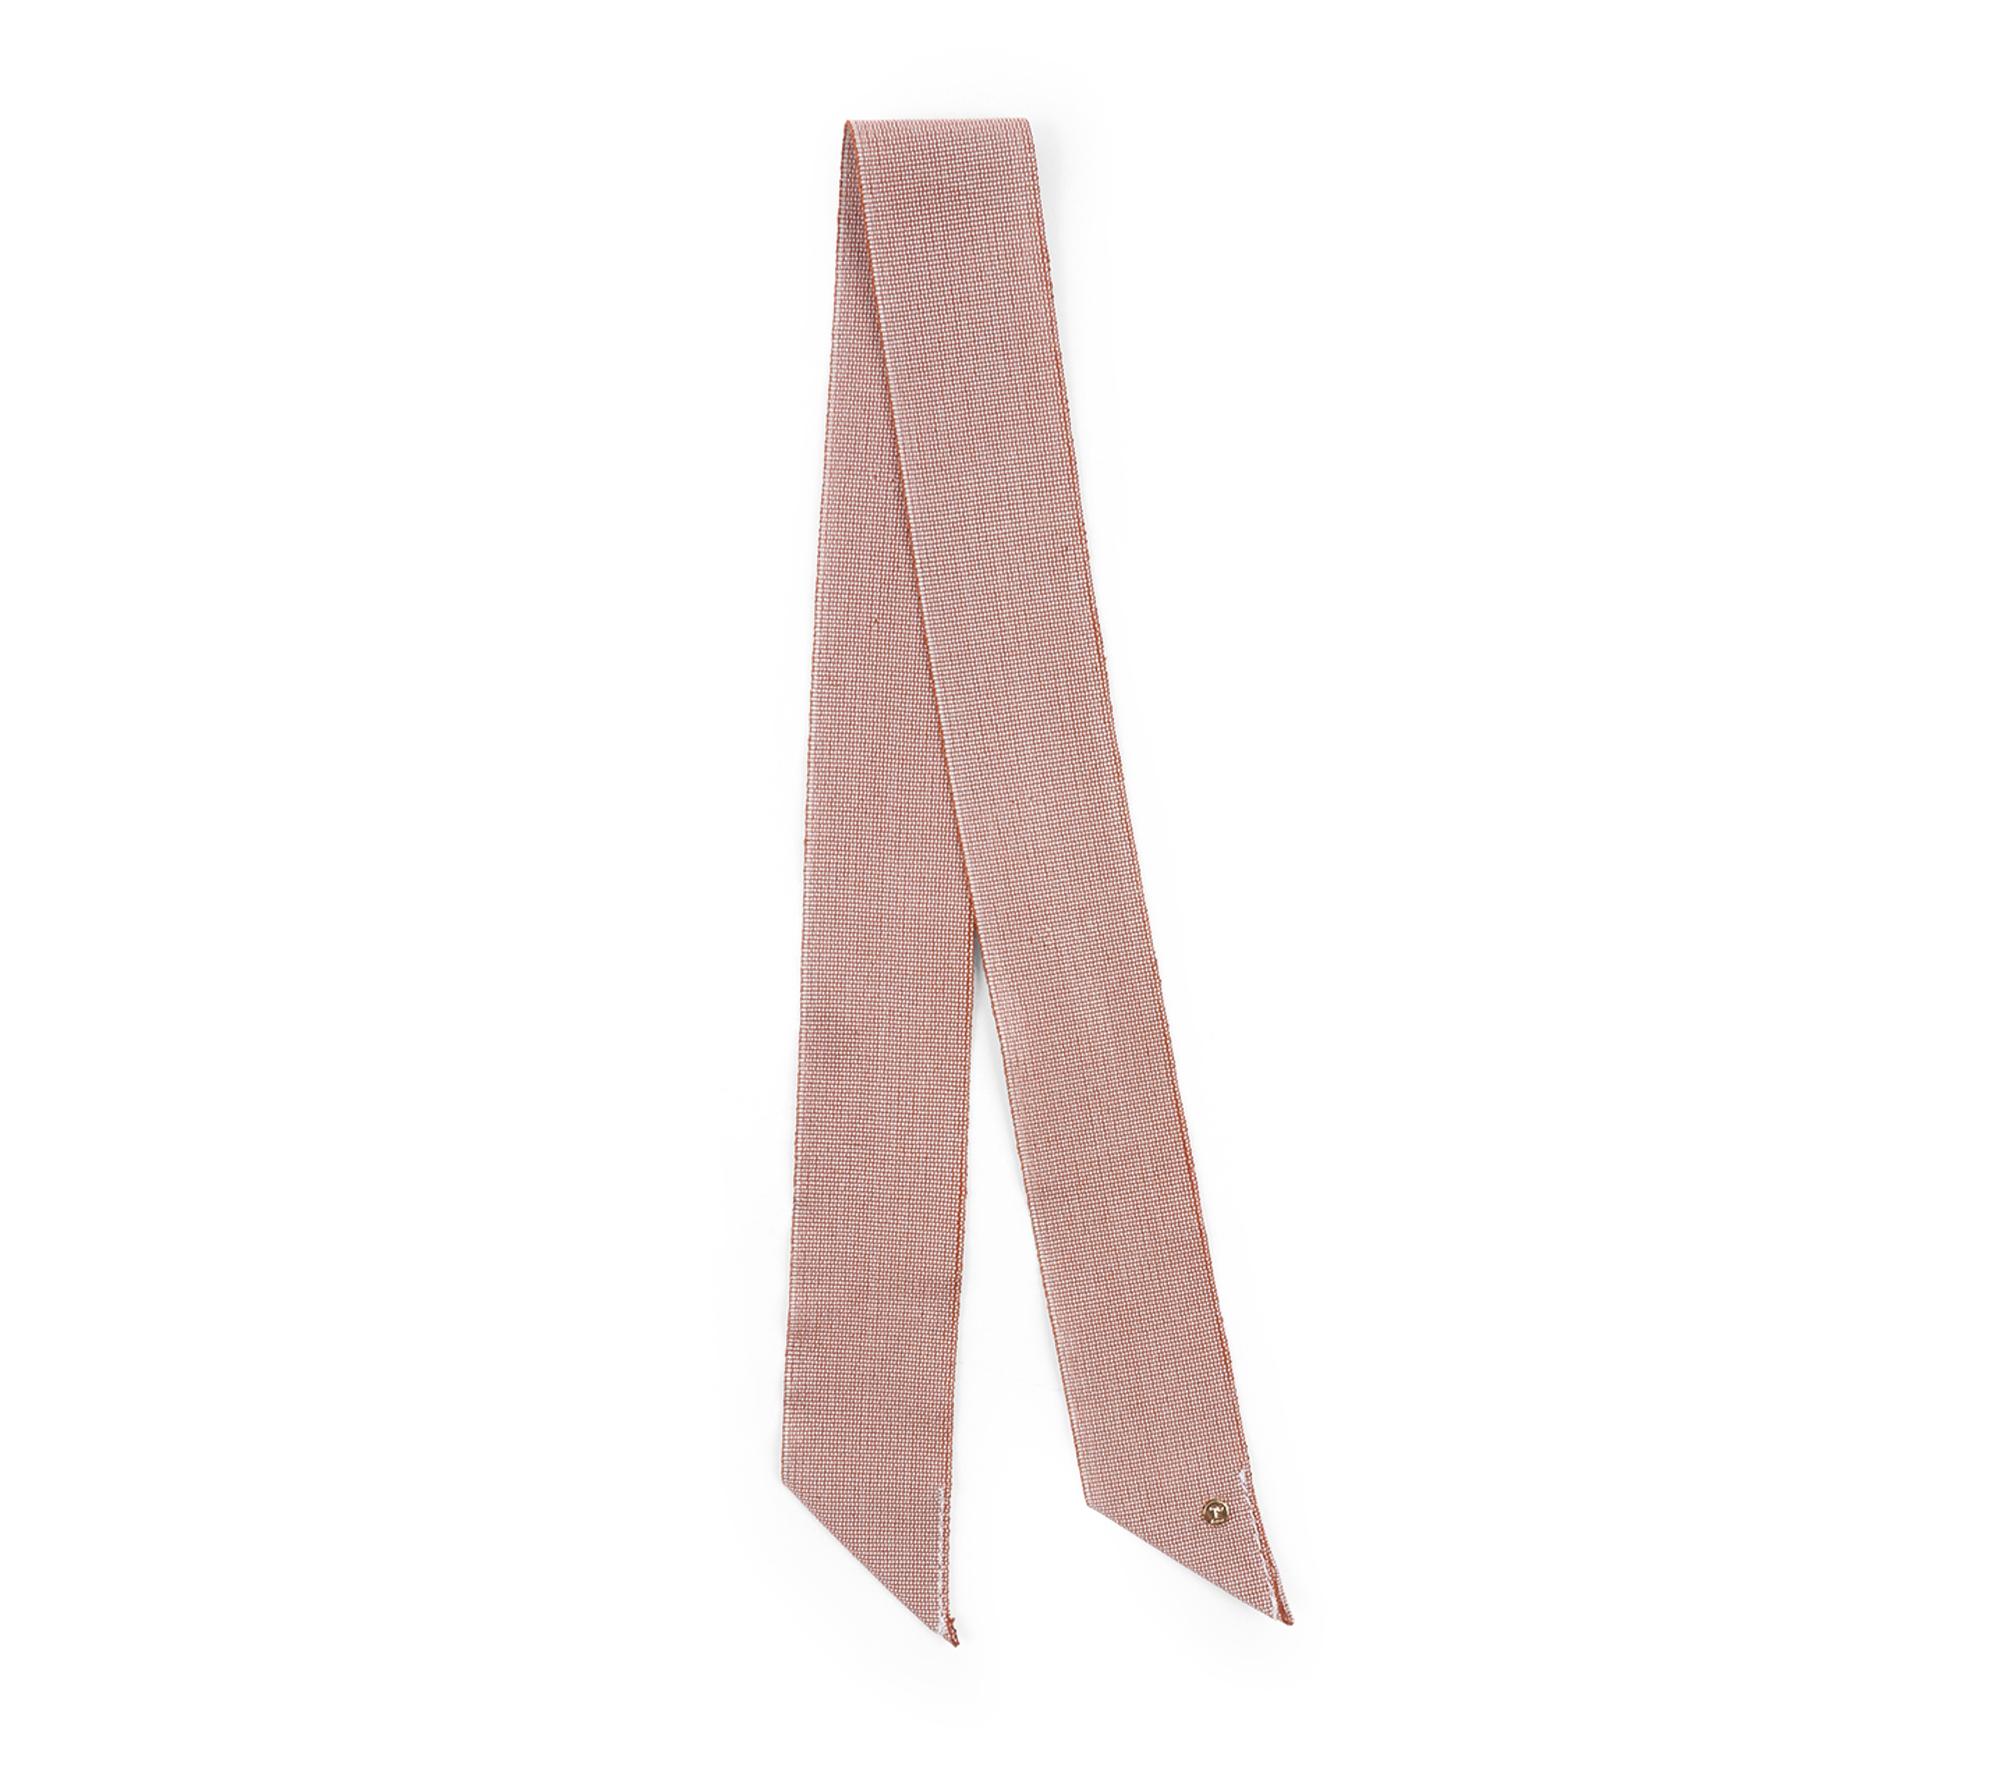 Ribbons Bags